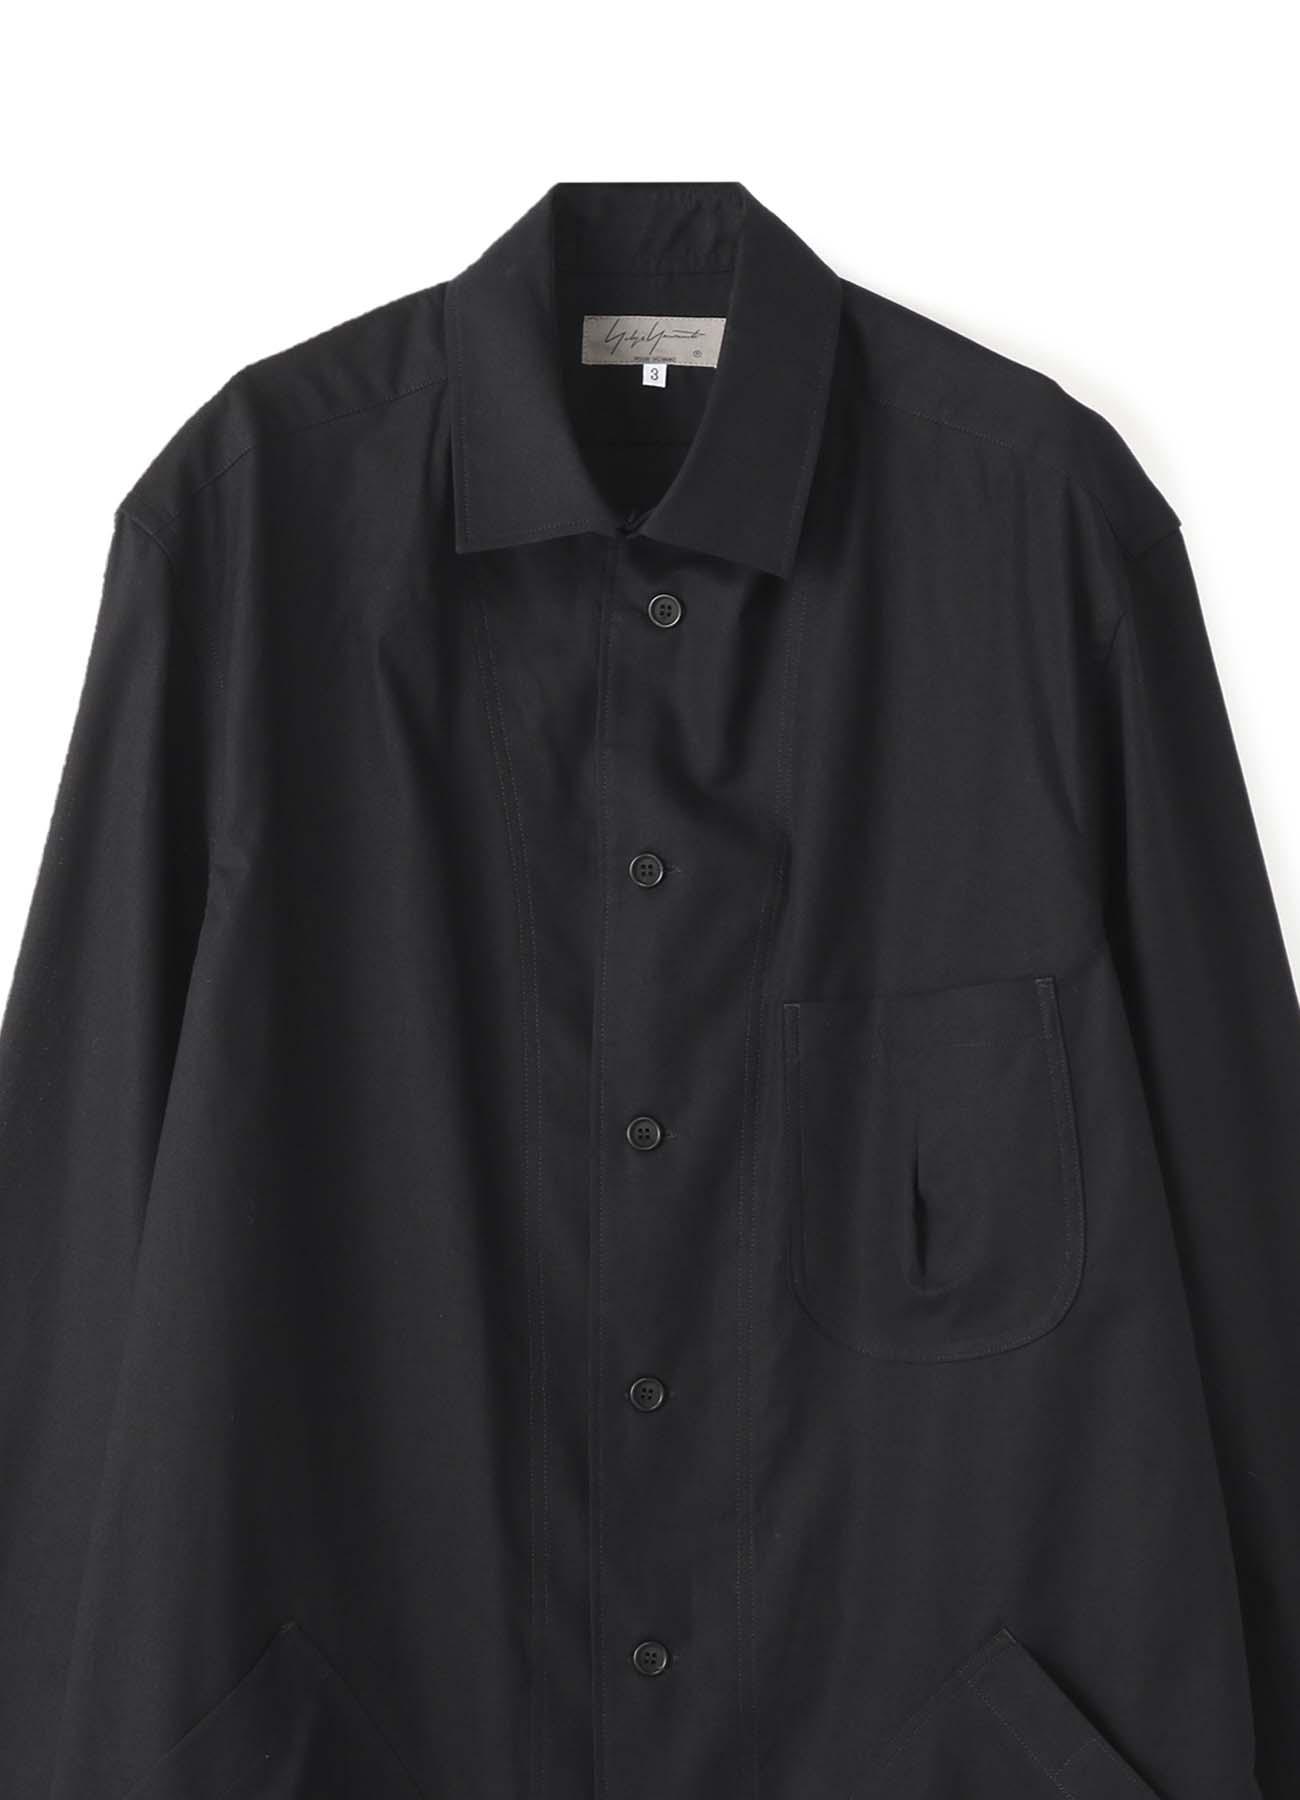 20クロス ビッグアウトポケットシャツ